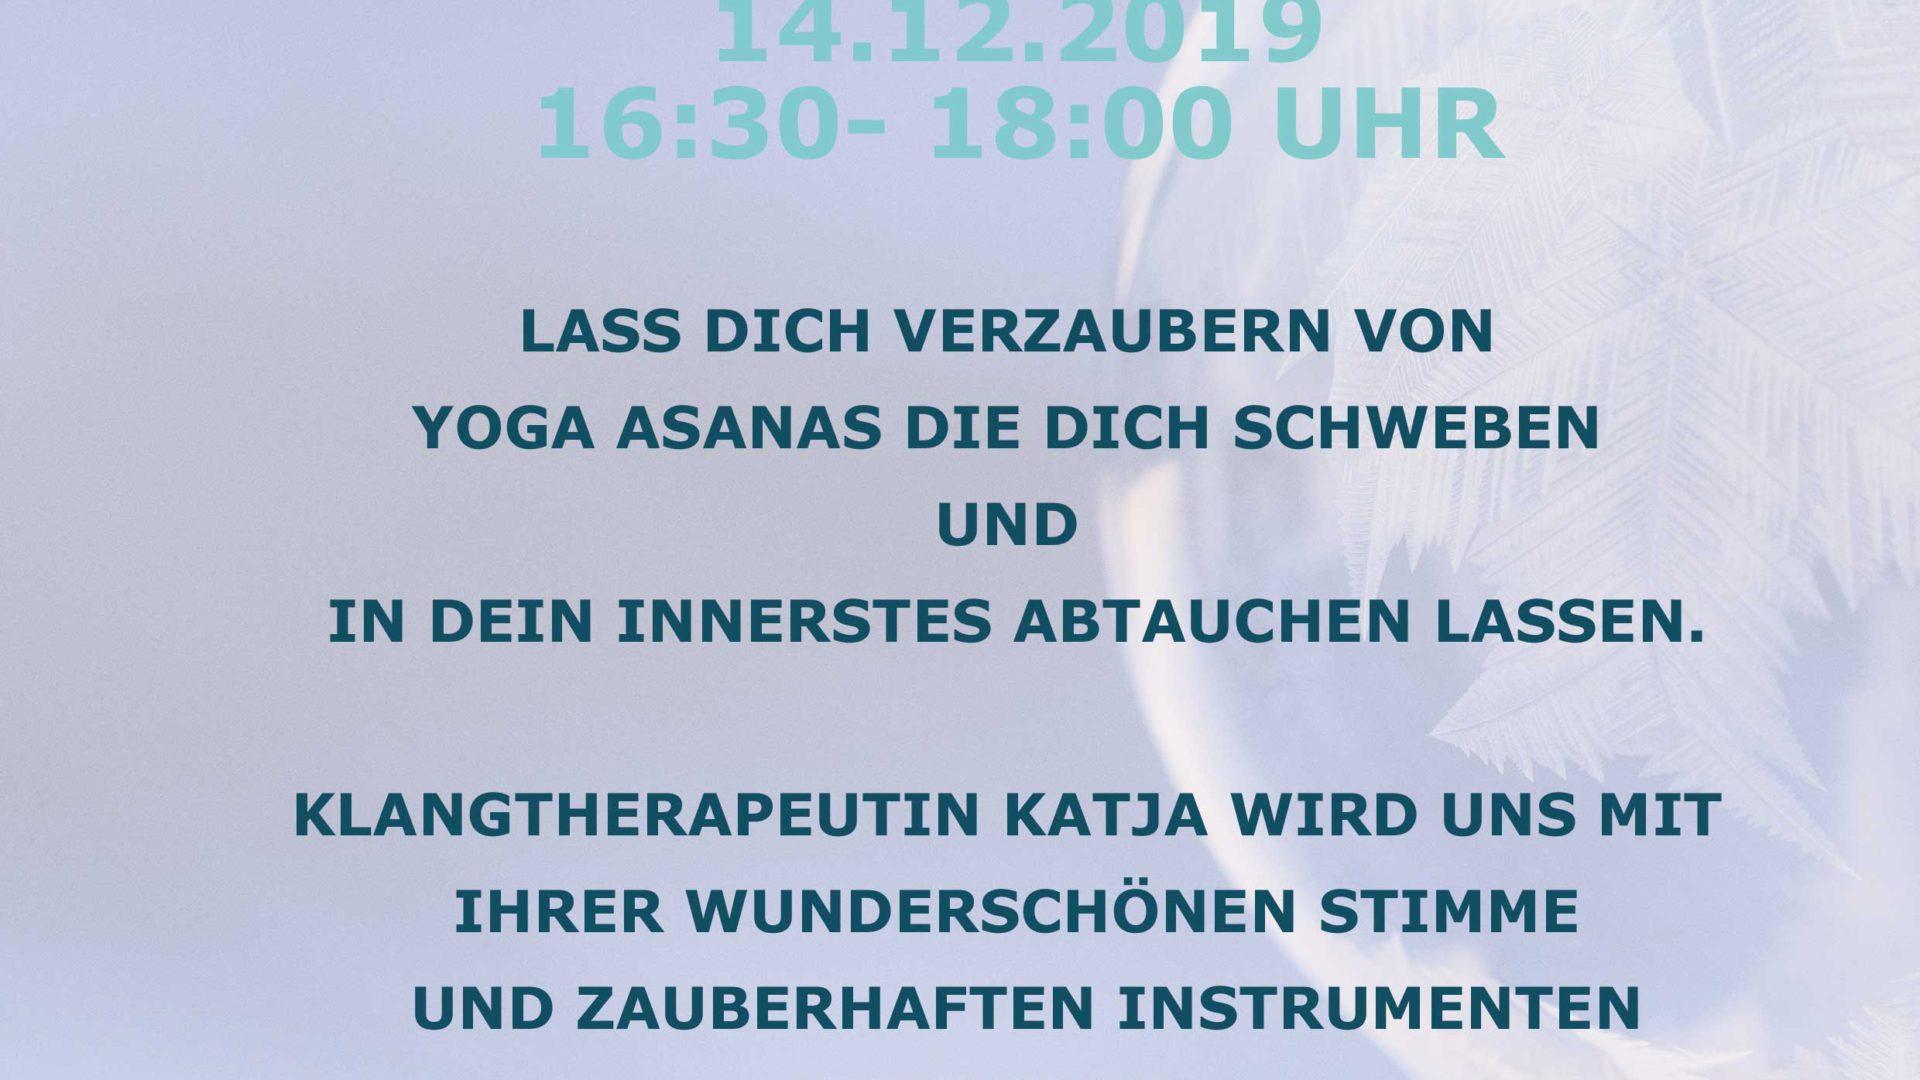 Yoga Special Yoga und Klang